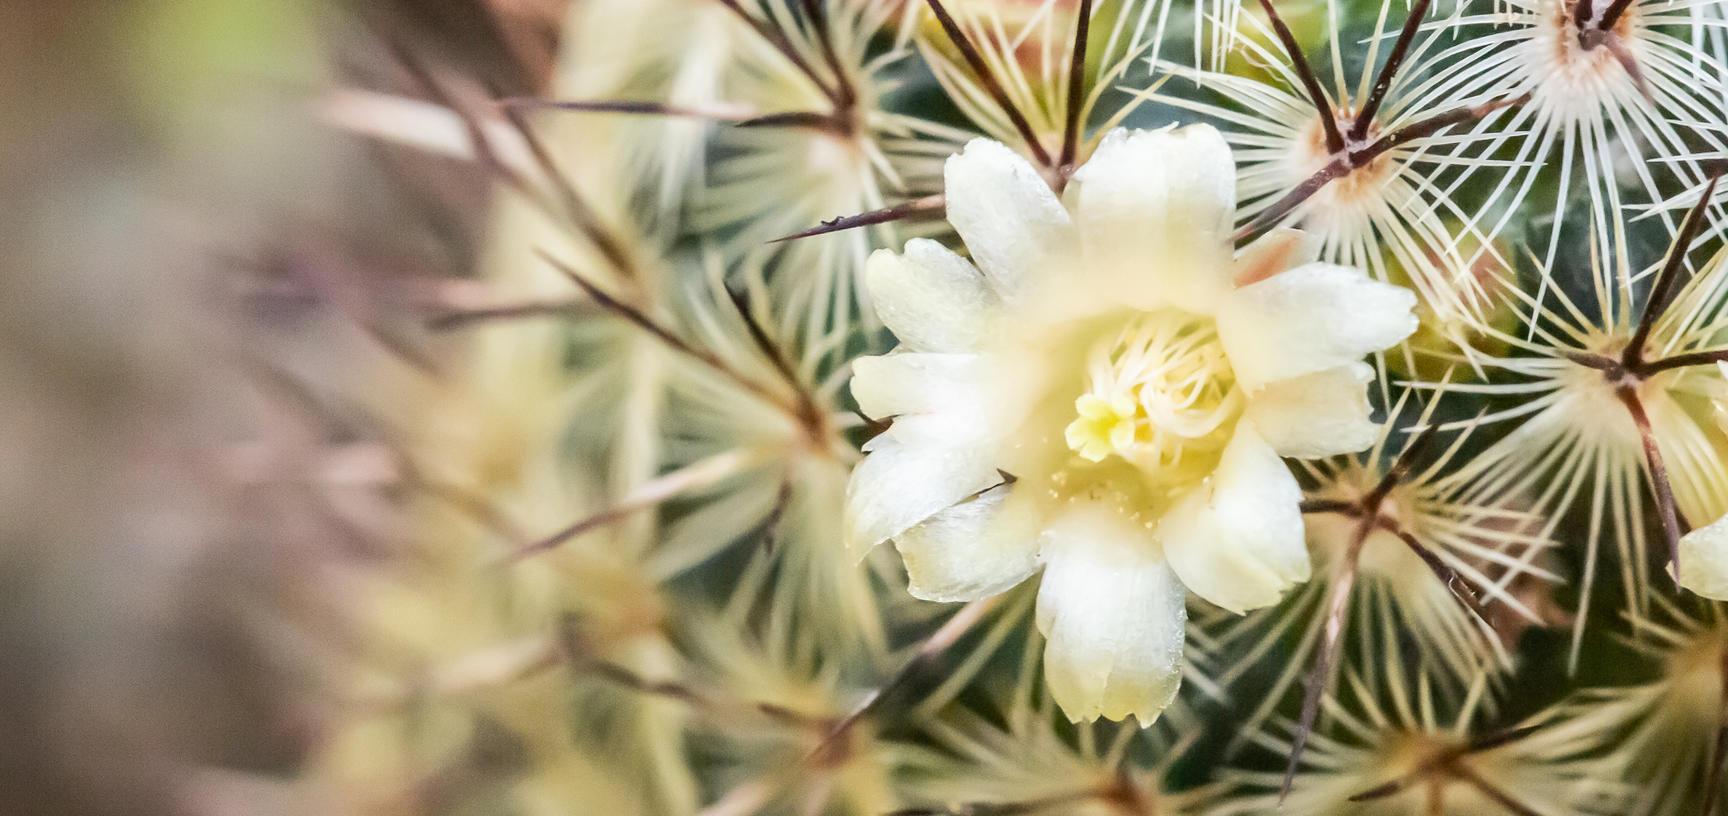 mammillaria decipiens  botanic garden  cactus  arid house  glasshouses p1010455